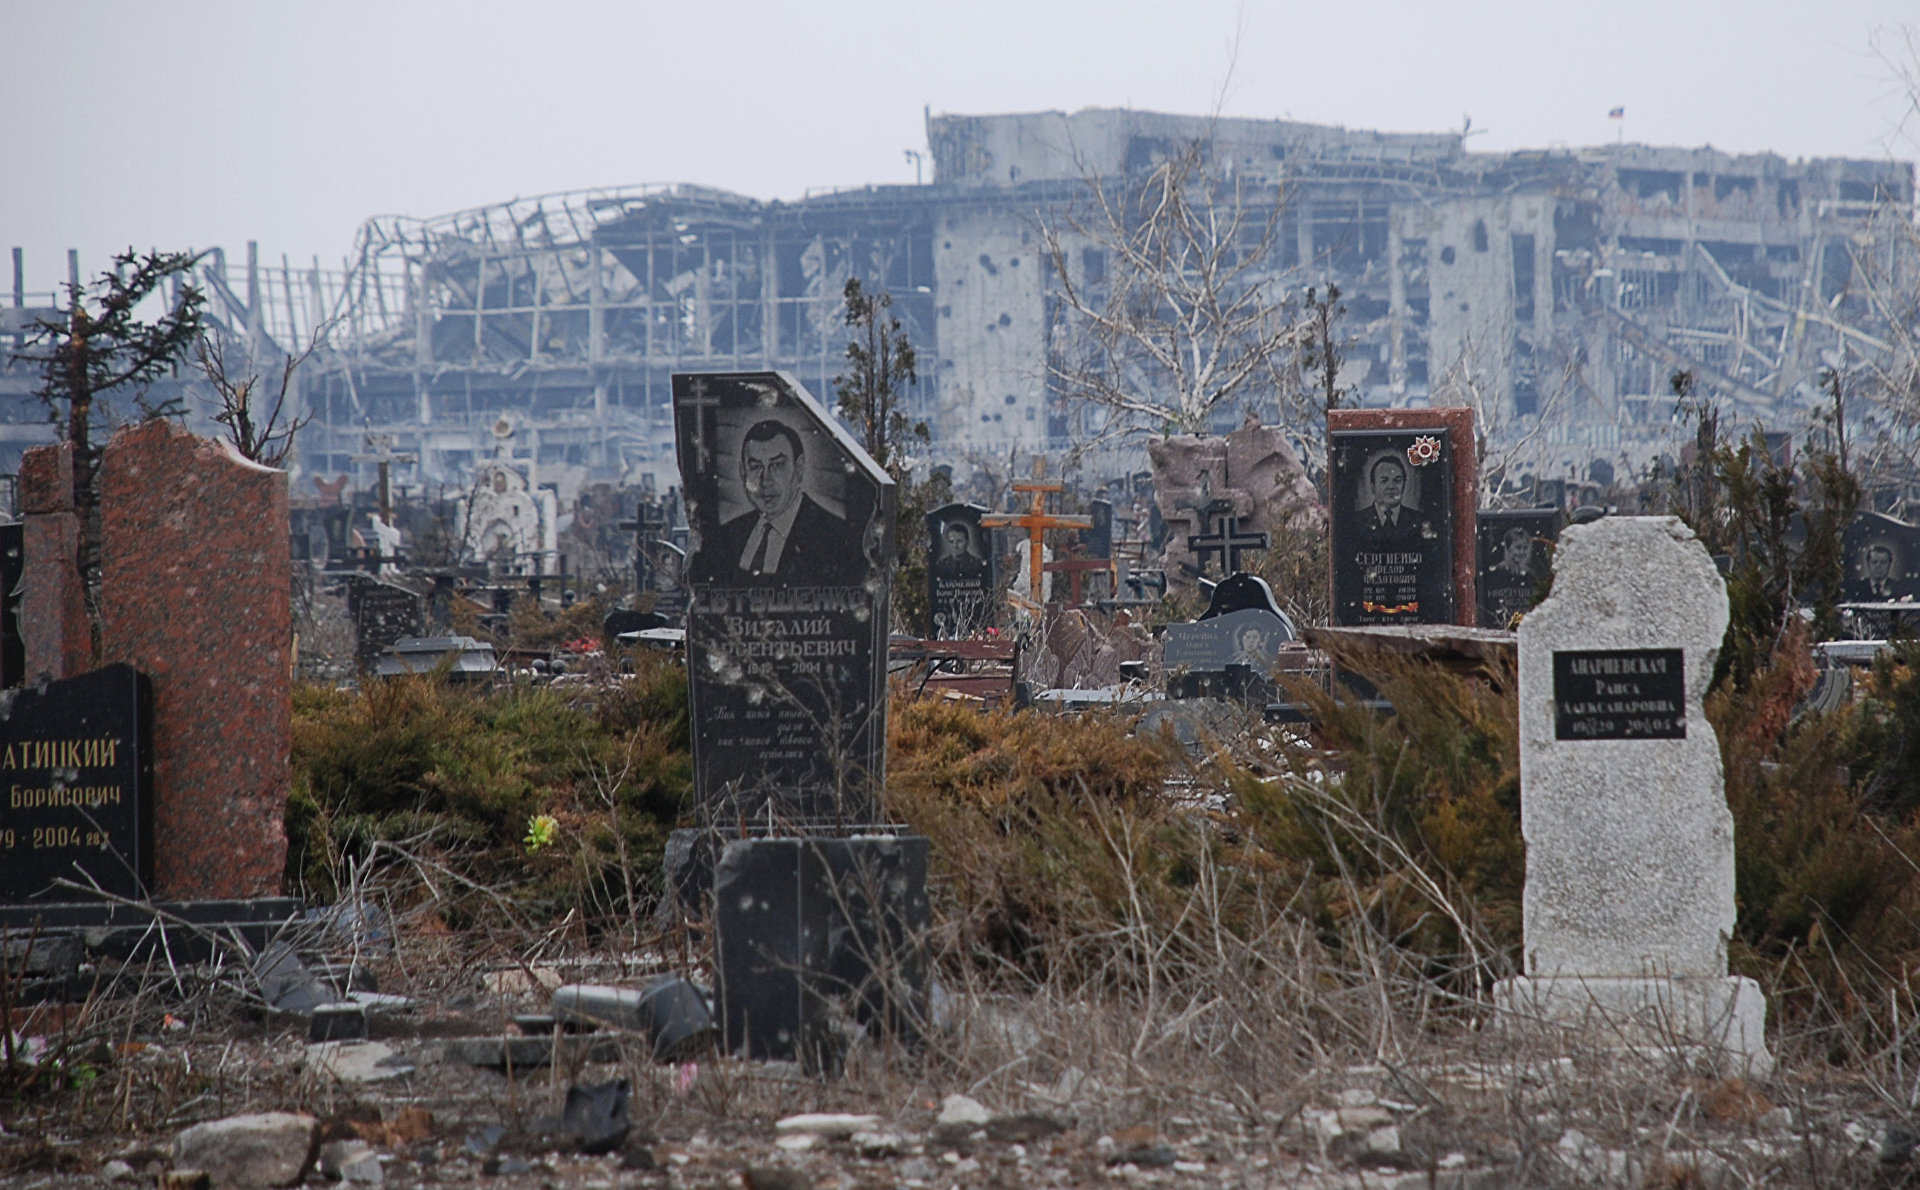 Правоохранители ДНР рекомендуют воздержаться от посещения ряда кладбищ в Поминальное Воскресенье